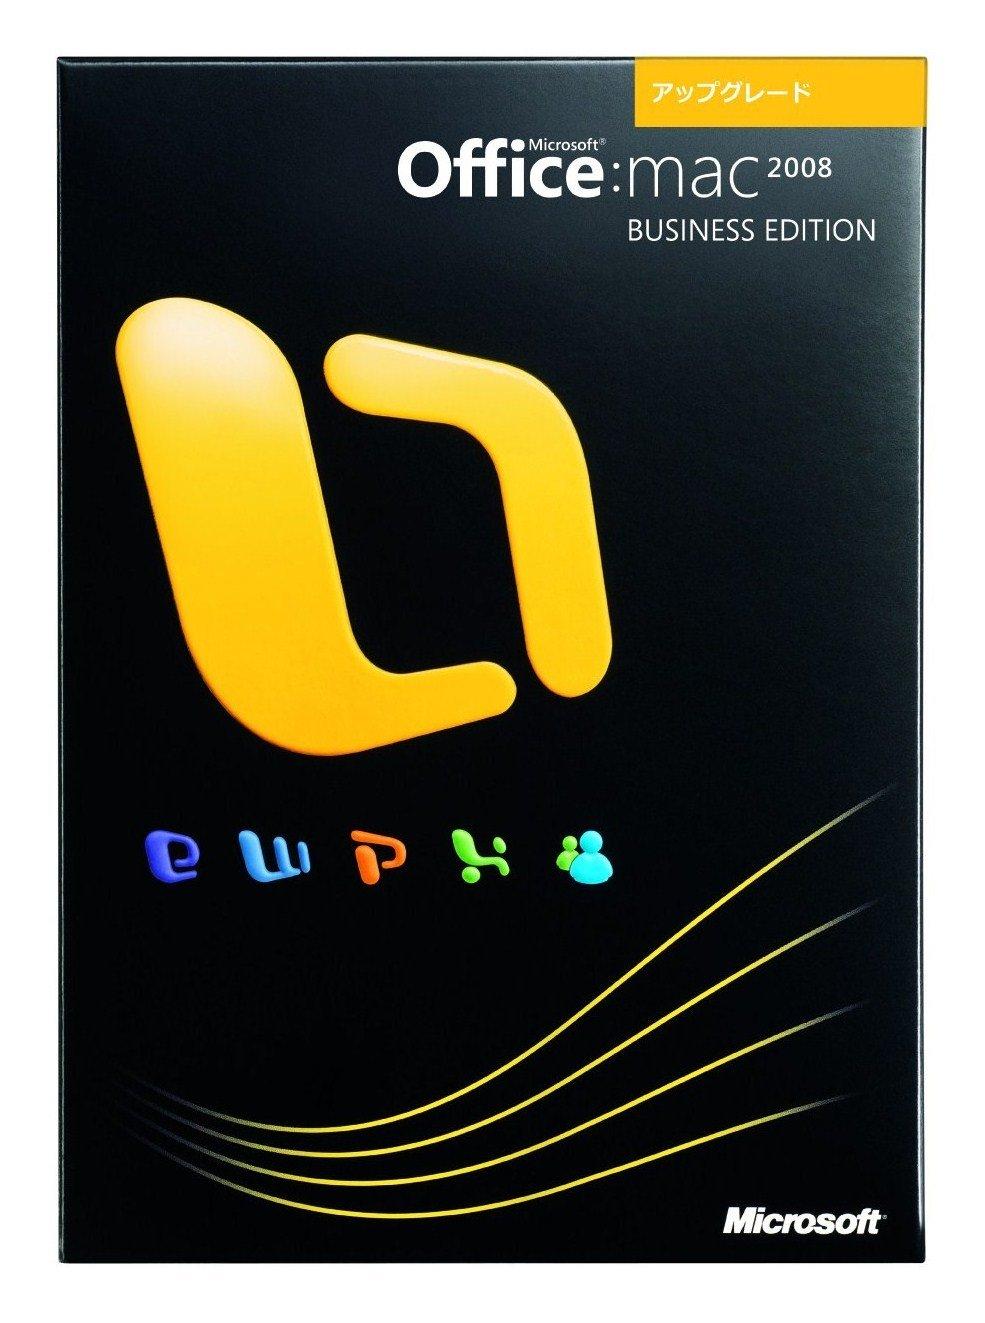 【旧商品】Office 2008 for Mac Business Edition (日本語版) アップグレード B002LH5ISO Parent